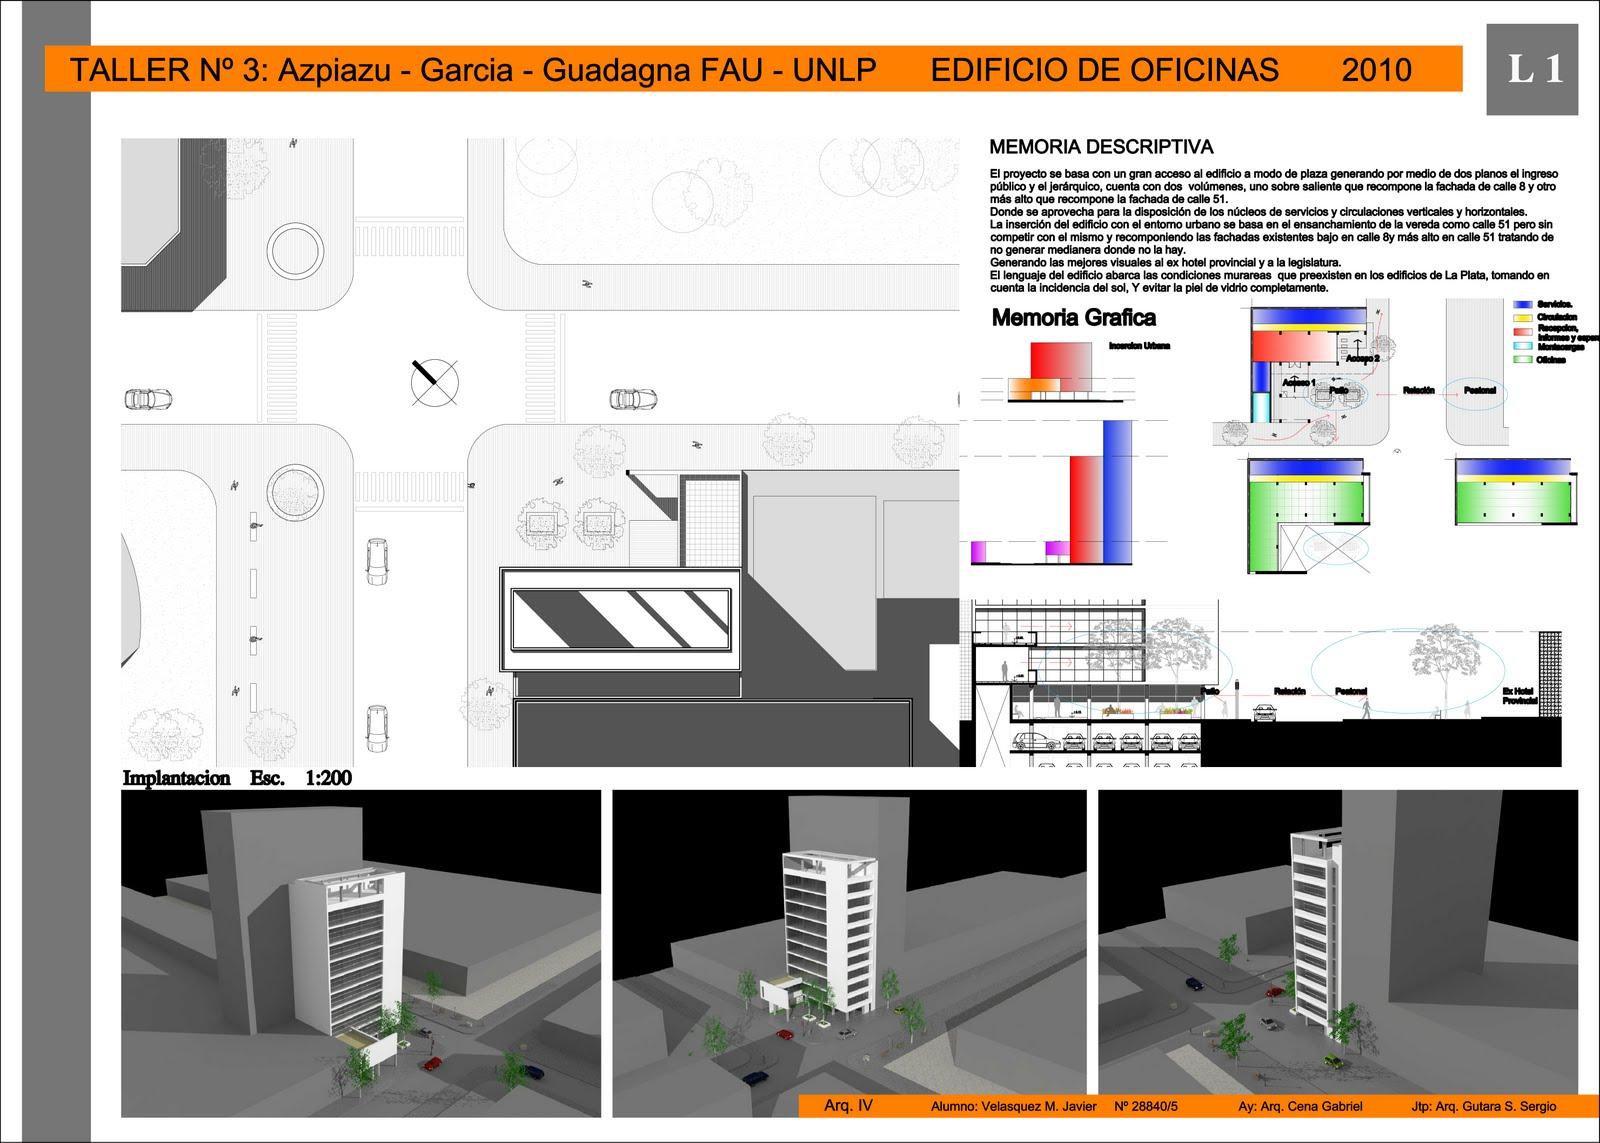 Vivienda en altura vivienda en red 2010 edificio de for Edificio oficinas